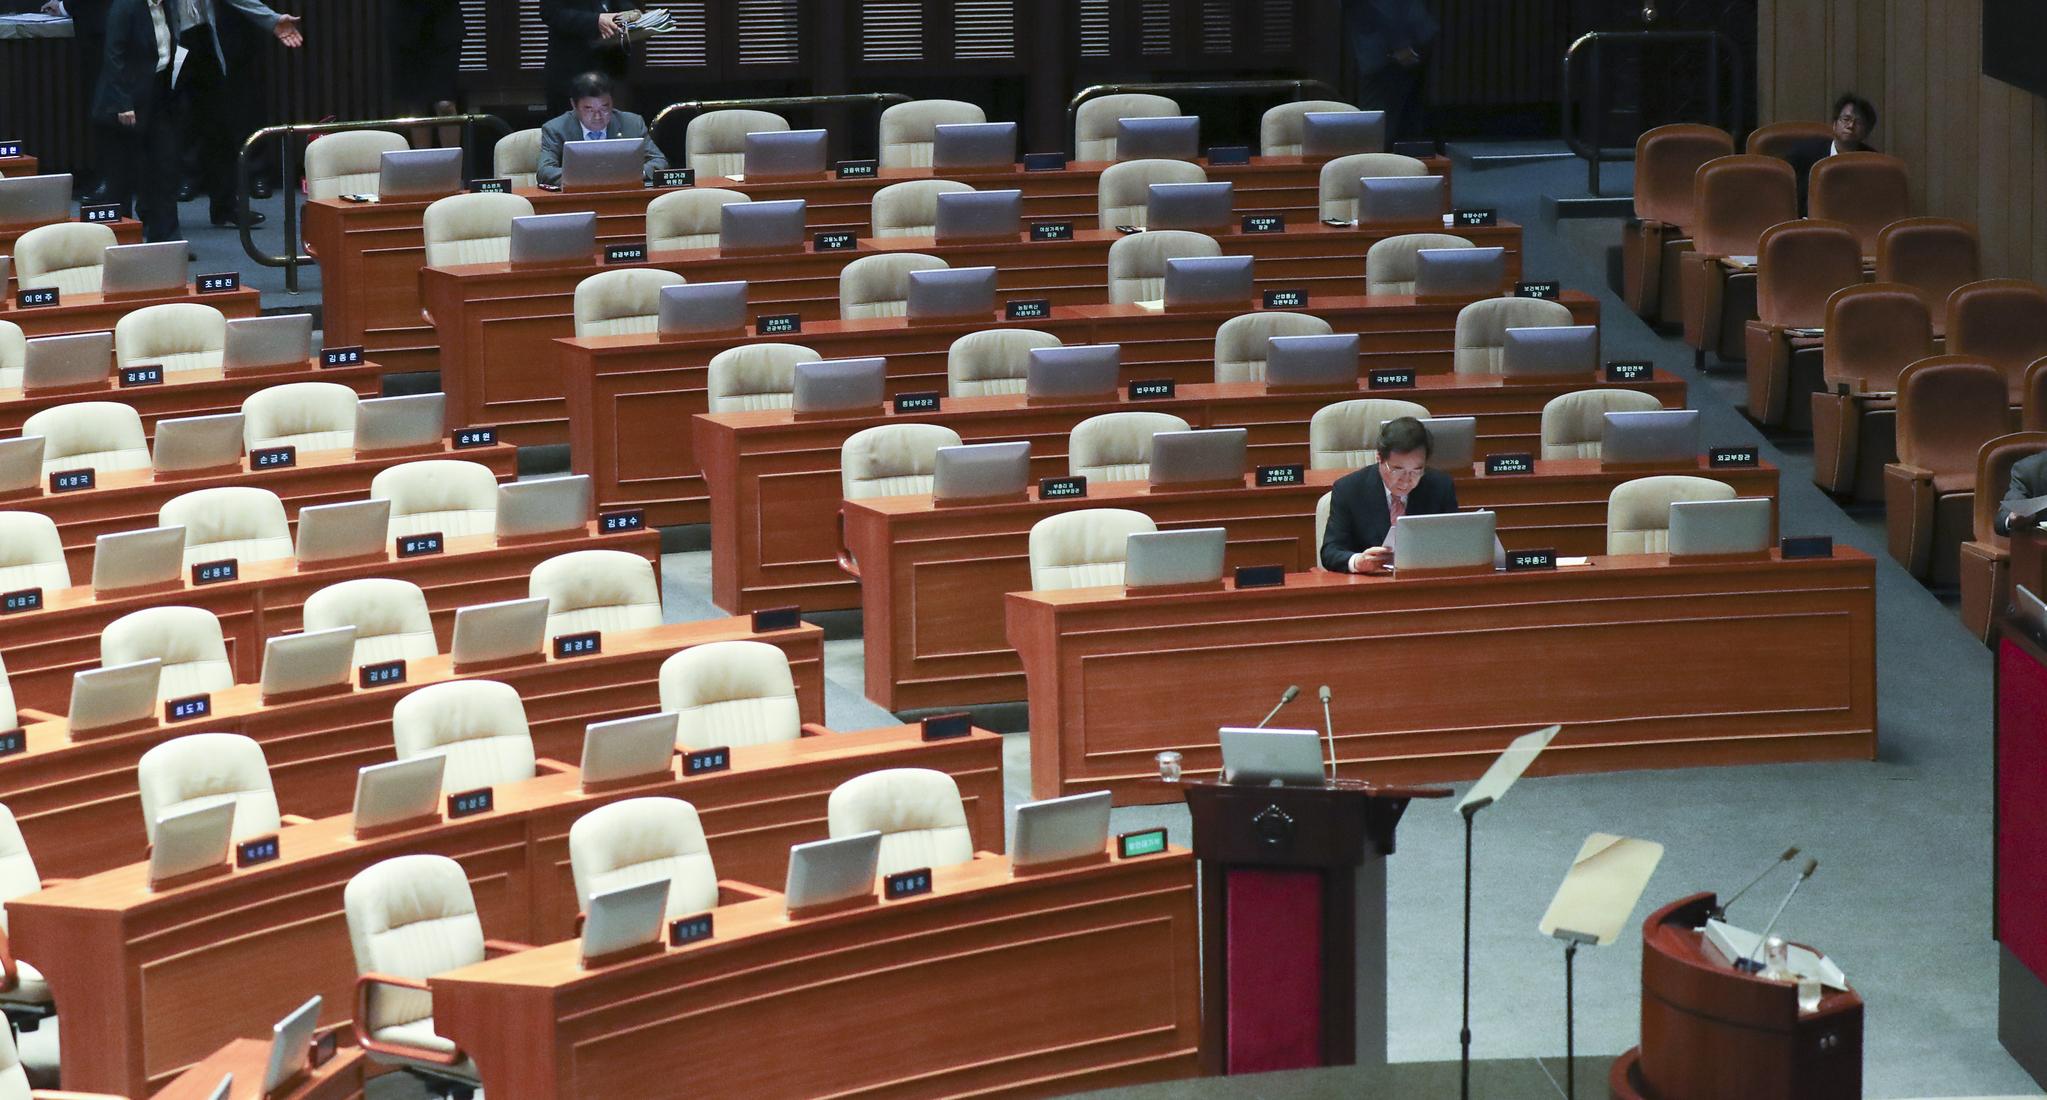 이낙연 국무총리(오른쪽 아래)가 10일 오후 국회 본회의장에서 경제 분야 대정부질문 전 자료를 살펴보고 있다. 임현동 기자